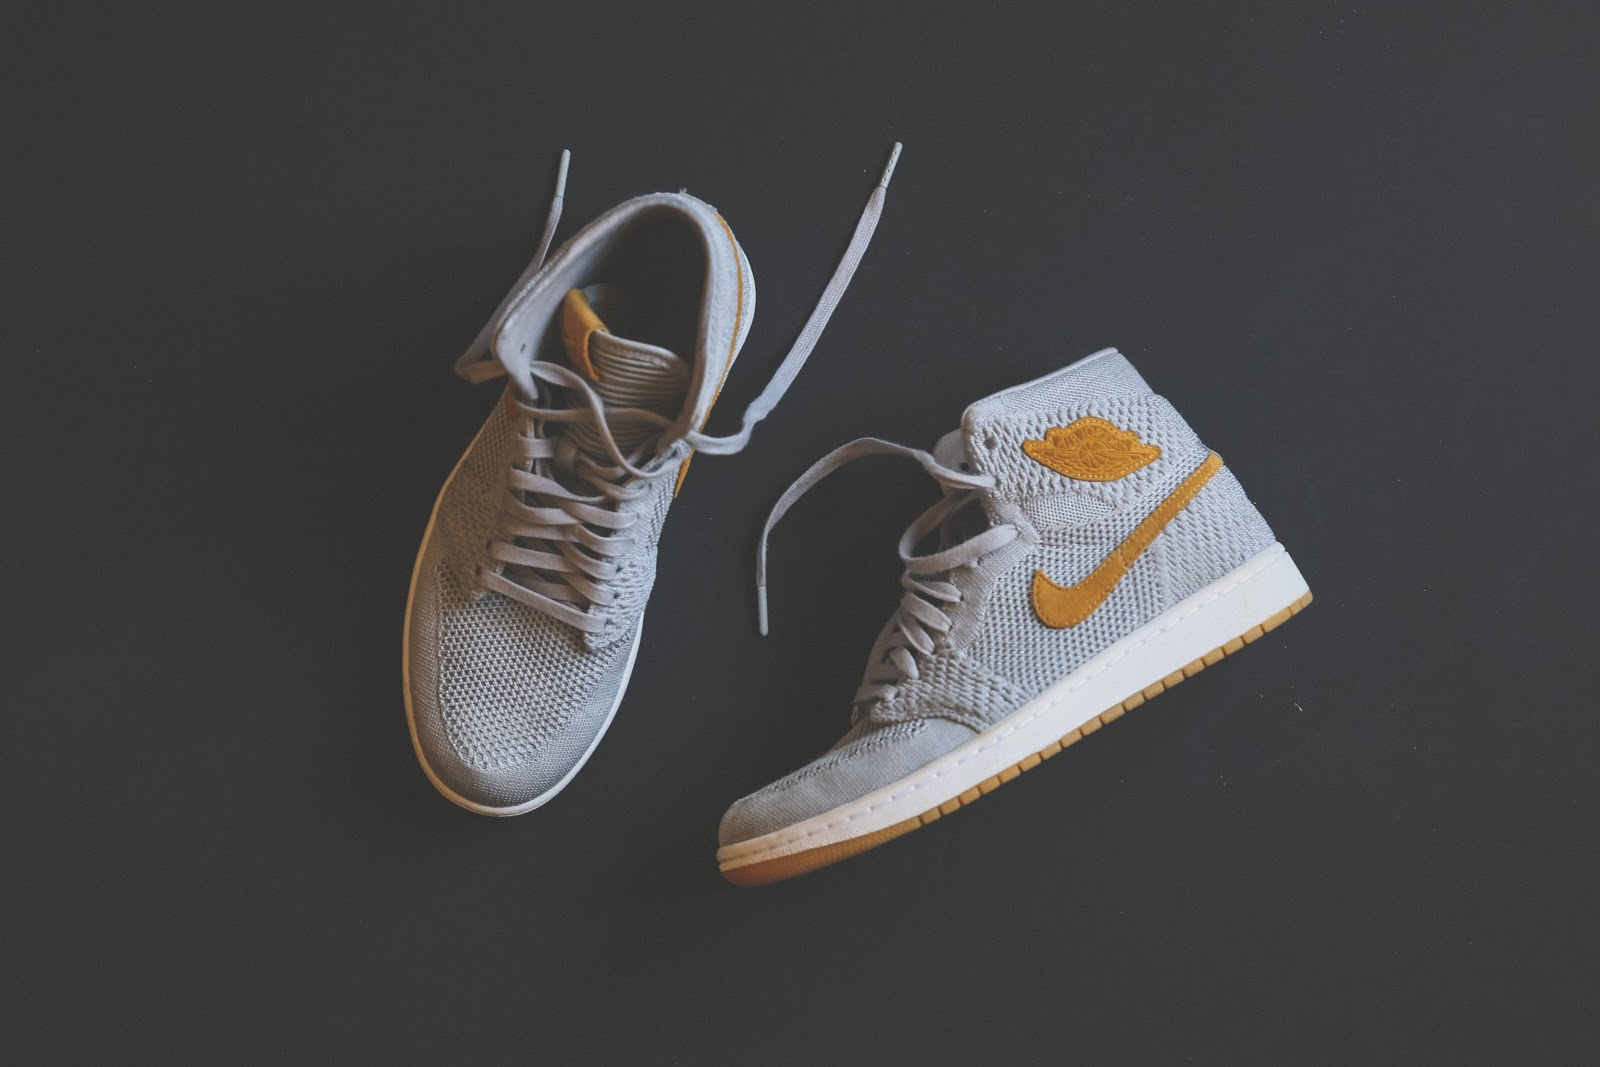 scarpe-nike-codici-sconto-ferraris-boutique